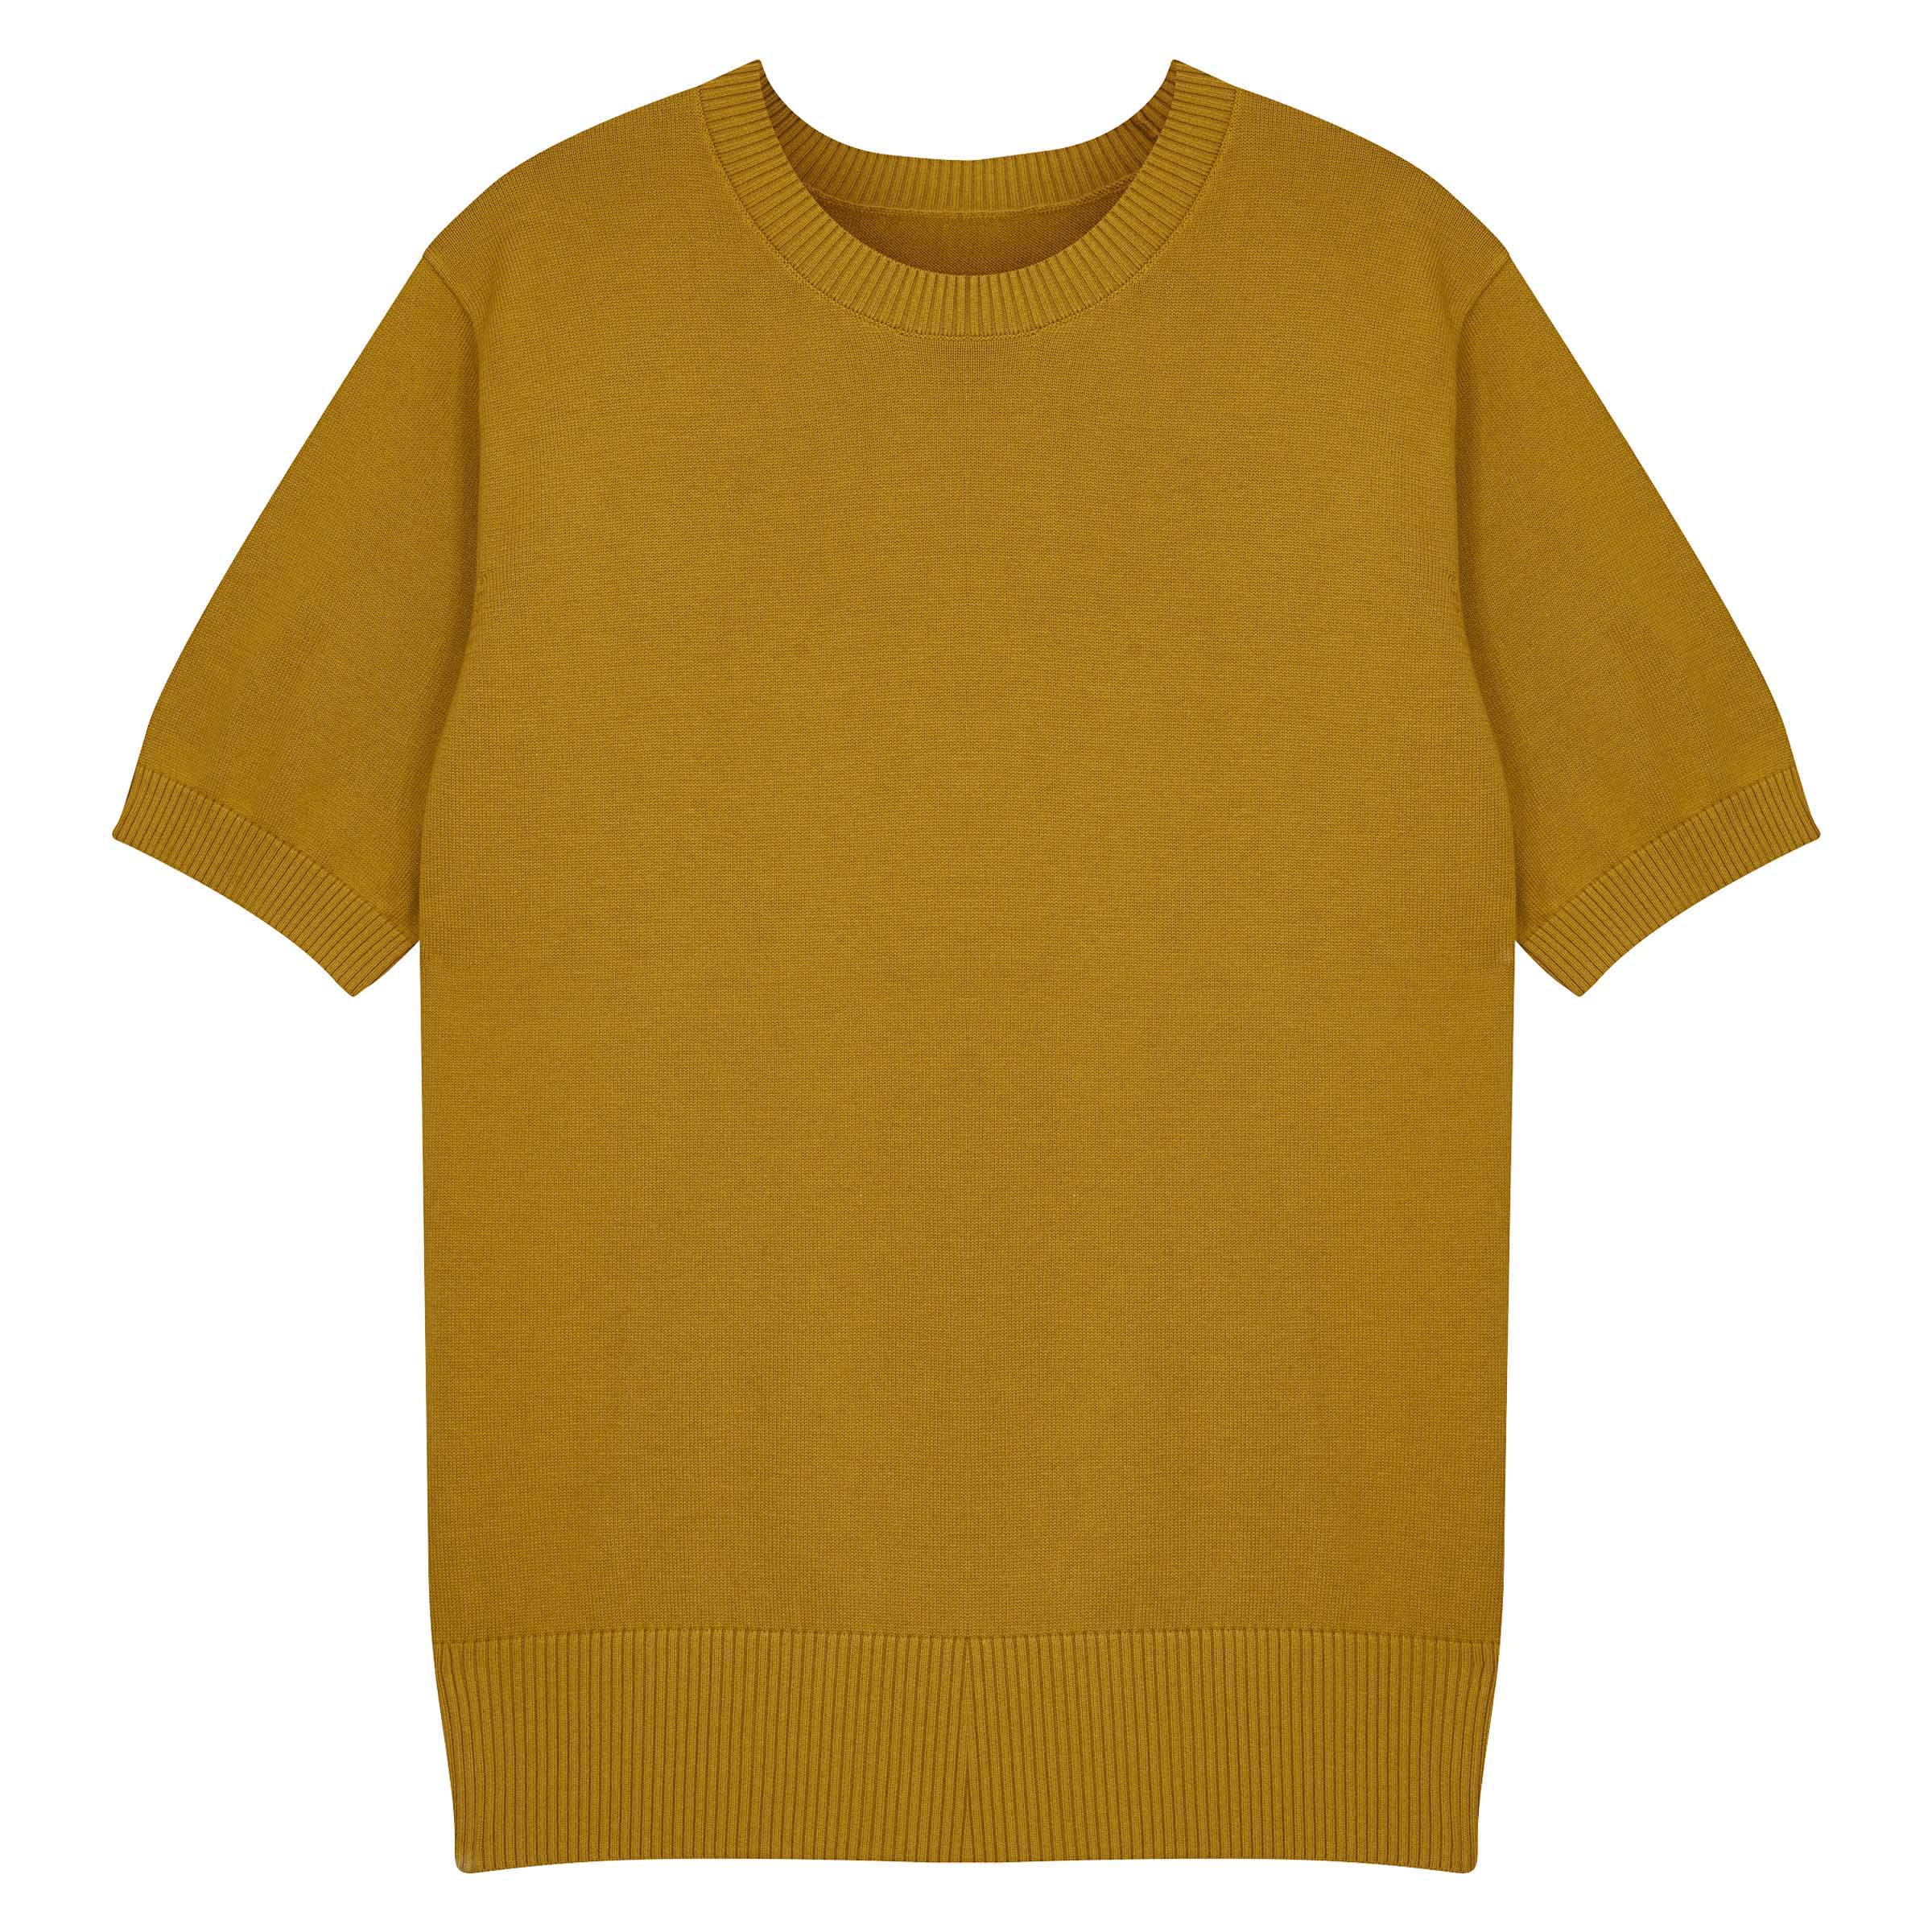 Mustard Knitted Supima Cotton T-Shirt